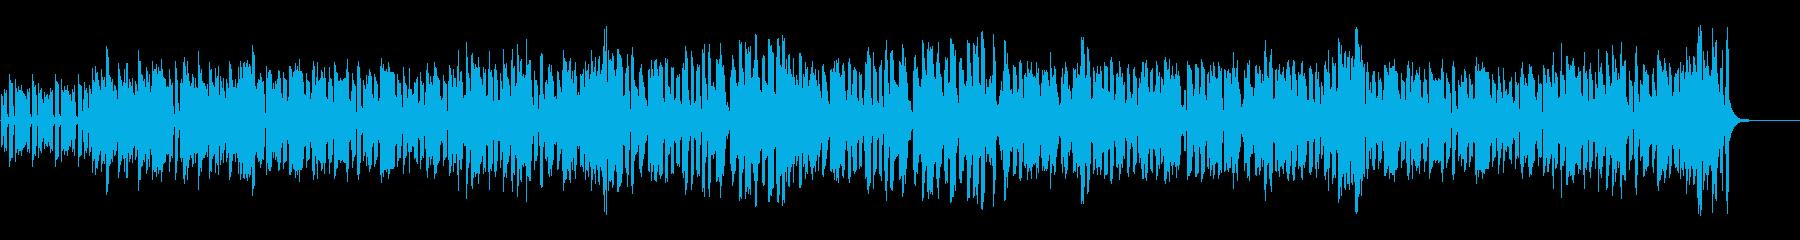 エレピとバイオリン、バンドネオンのタンゴの再生済みの波形